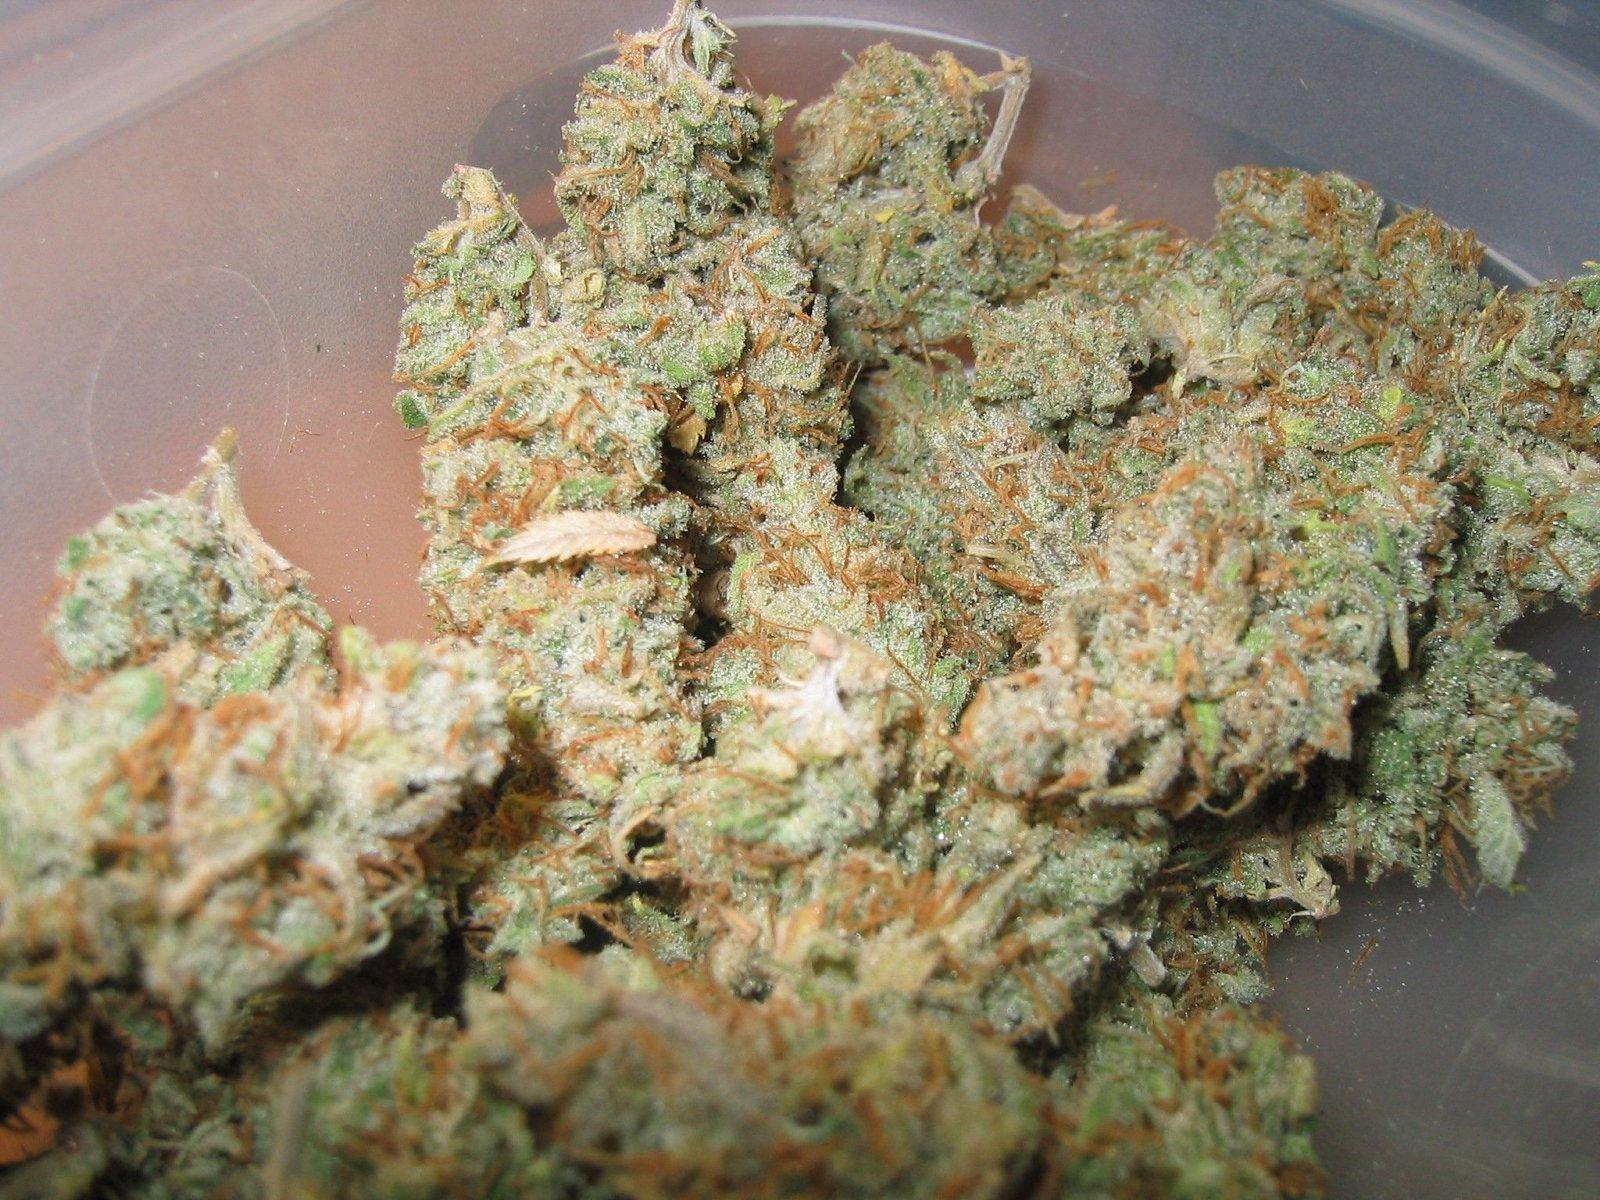 Homeinen Kannabis